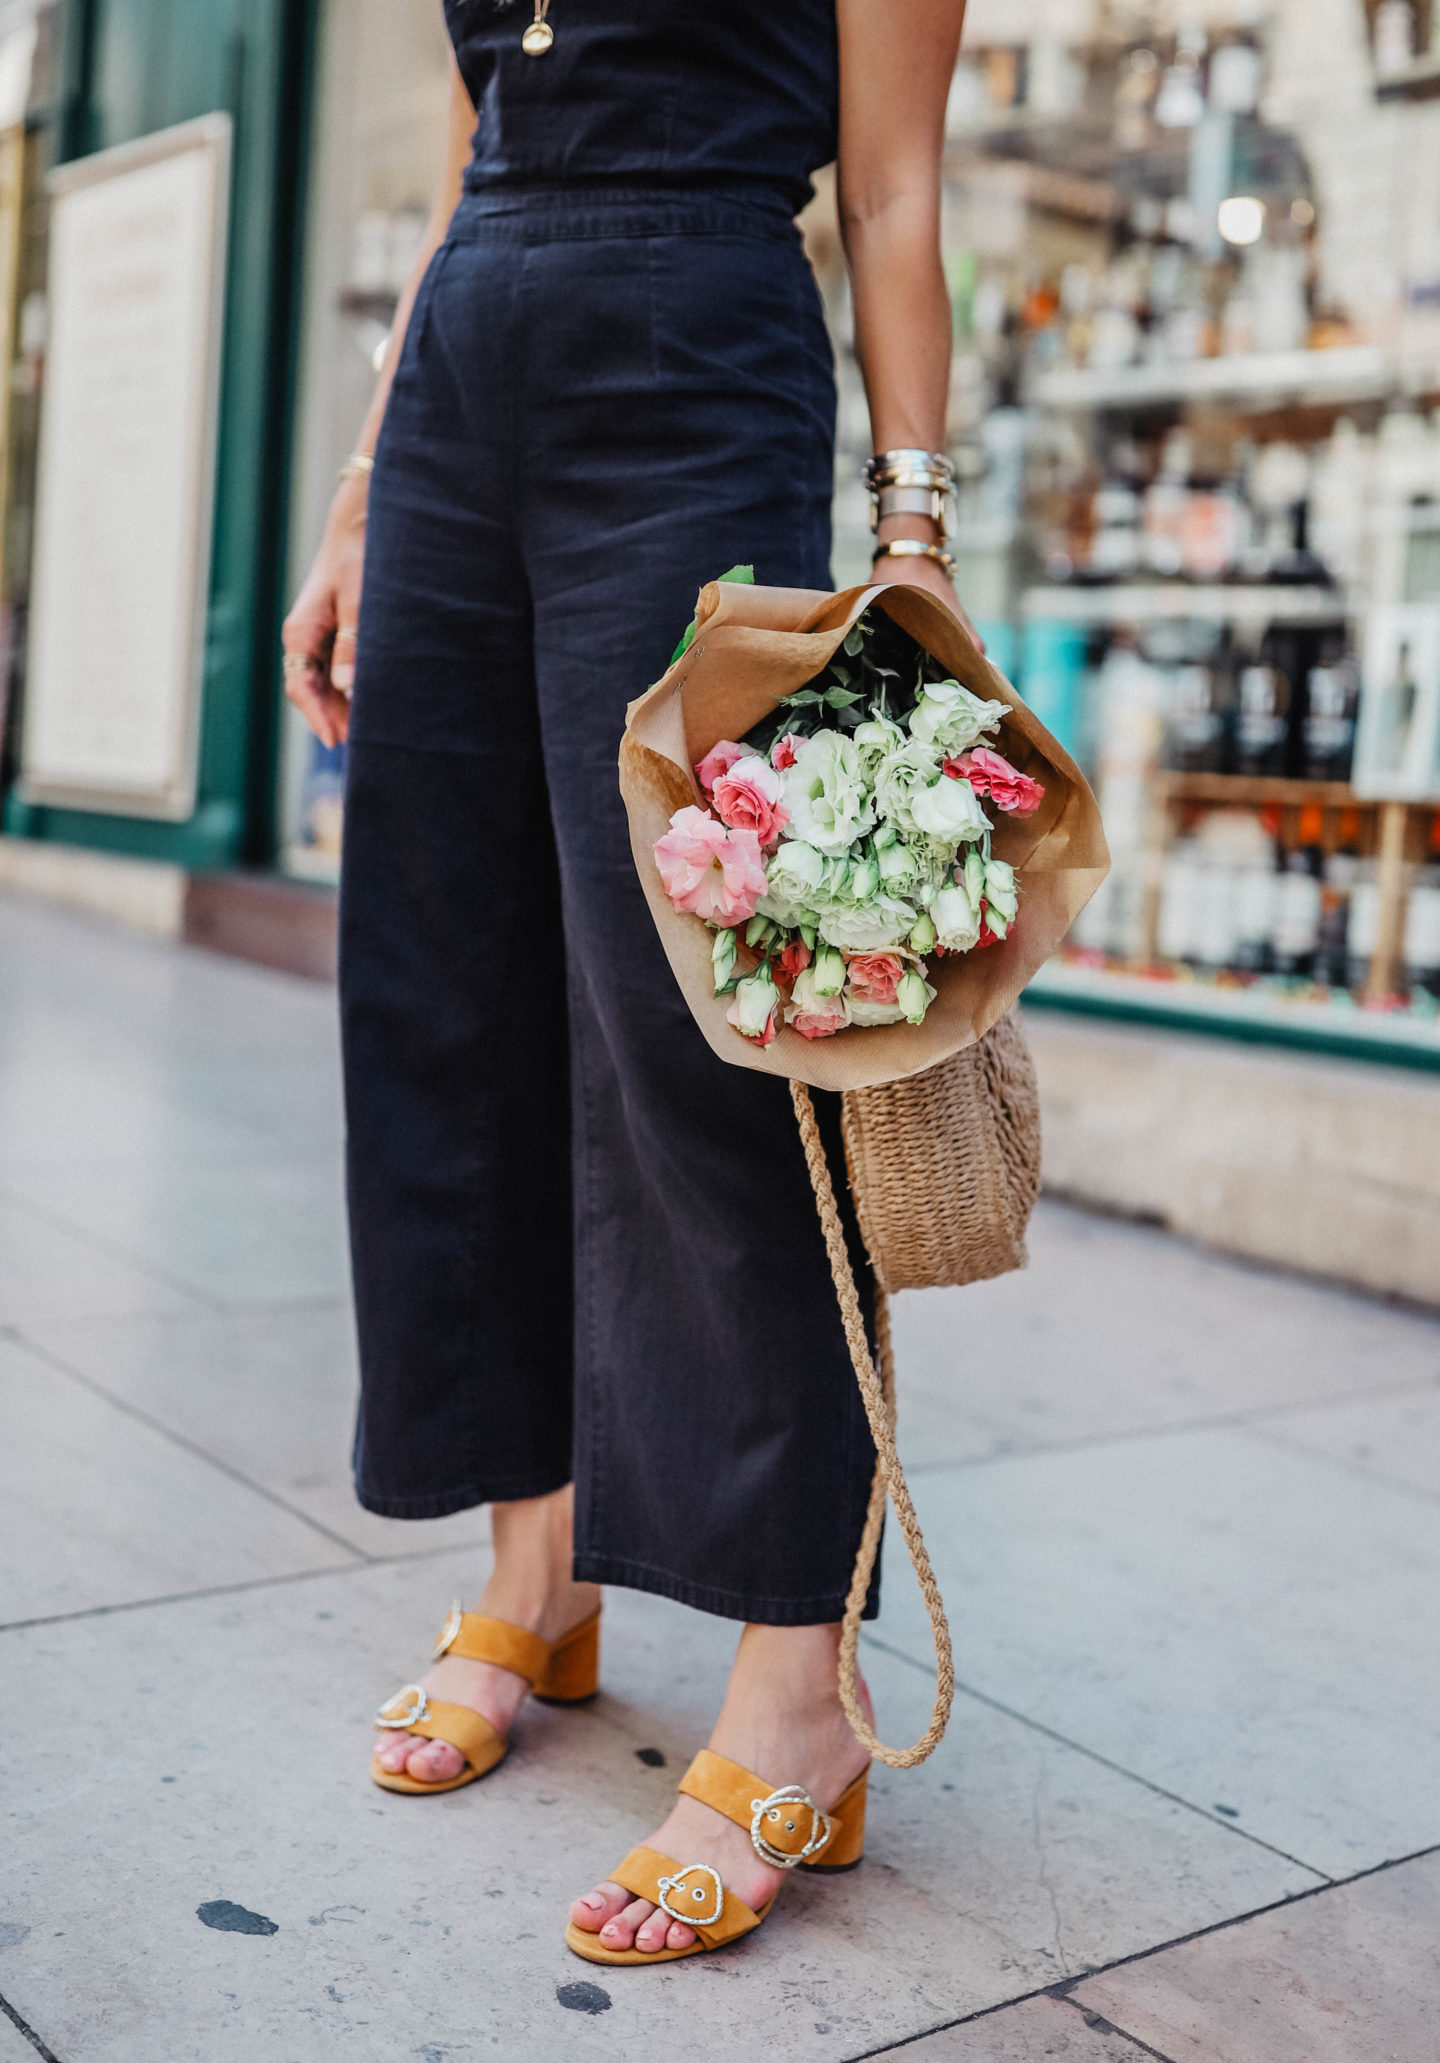 Chaussures été Zara marie and mood blog mode